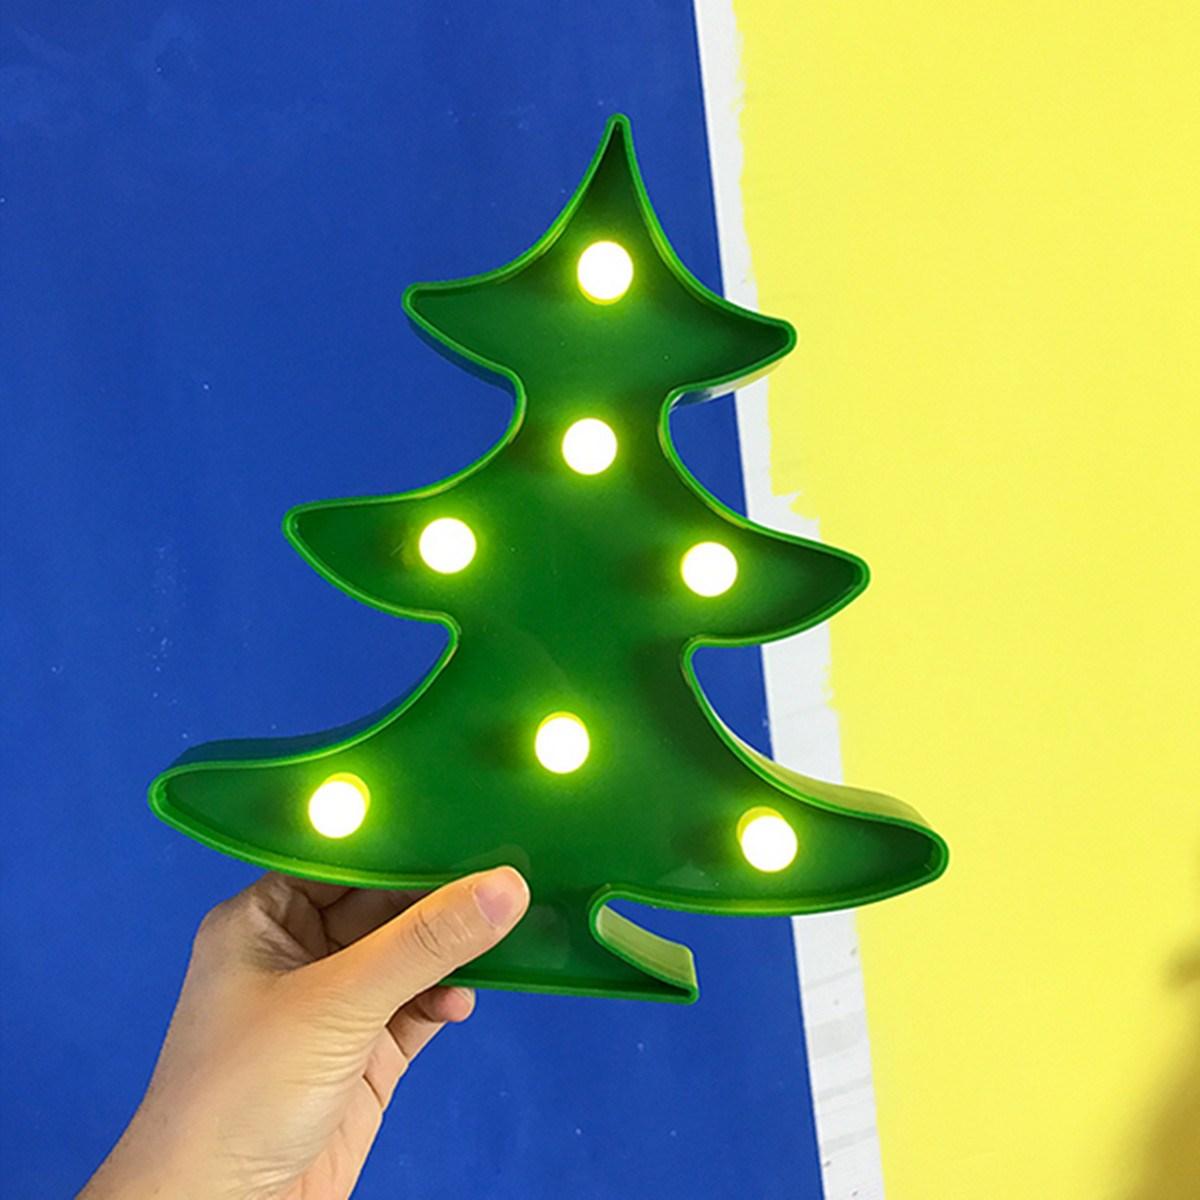 NEUE Weihnachtsbaum Led leuchten Grün Beleuchtete Lampe Batterie ...